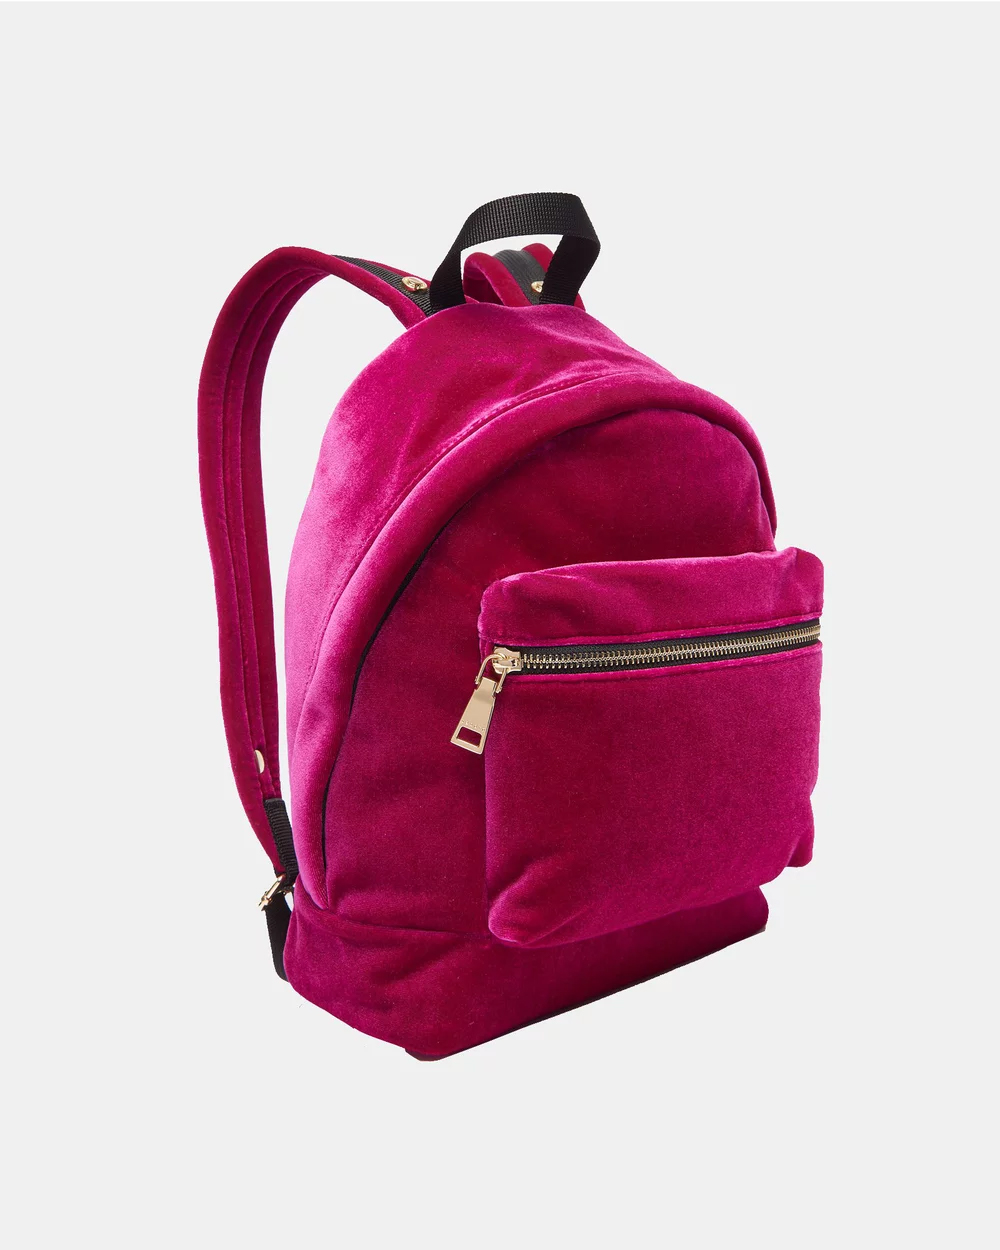 Модные рюкзаки 2019 фото новые фото